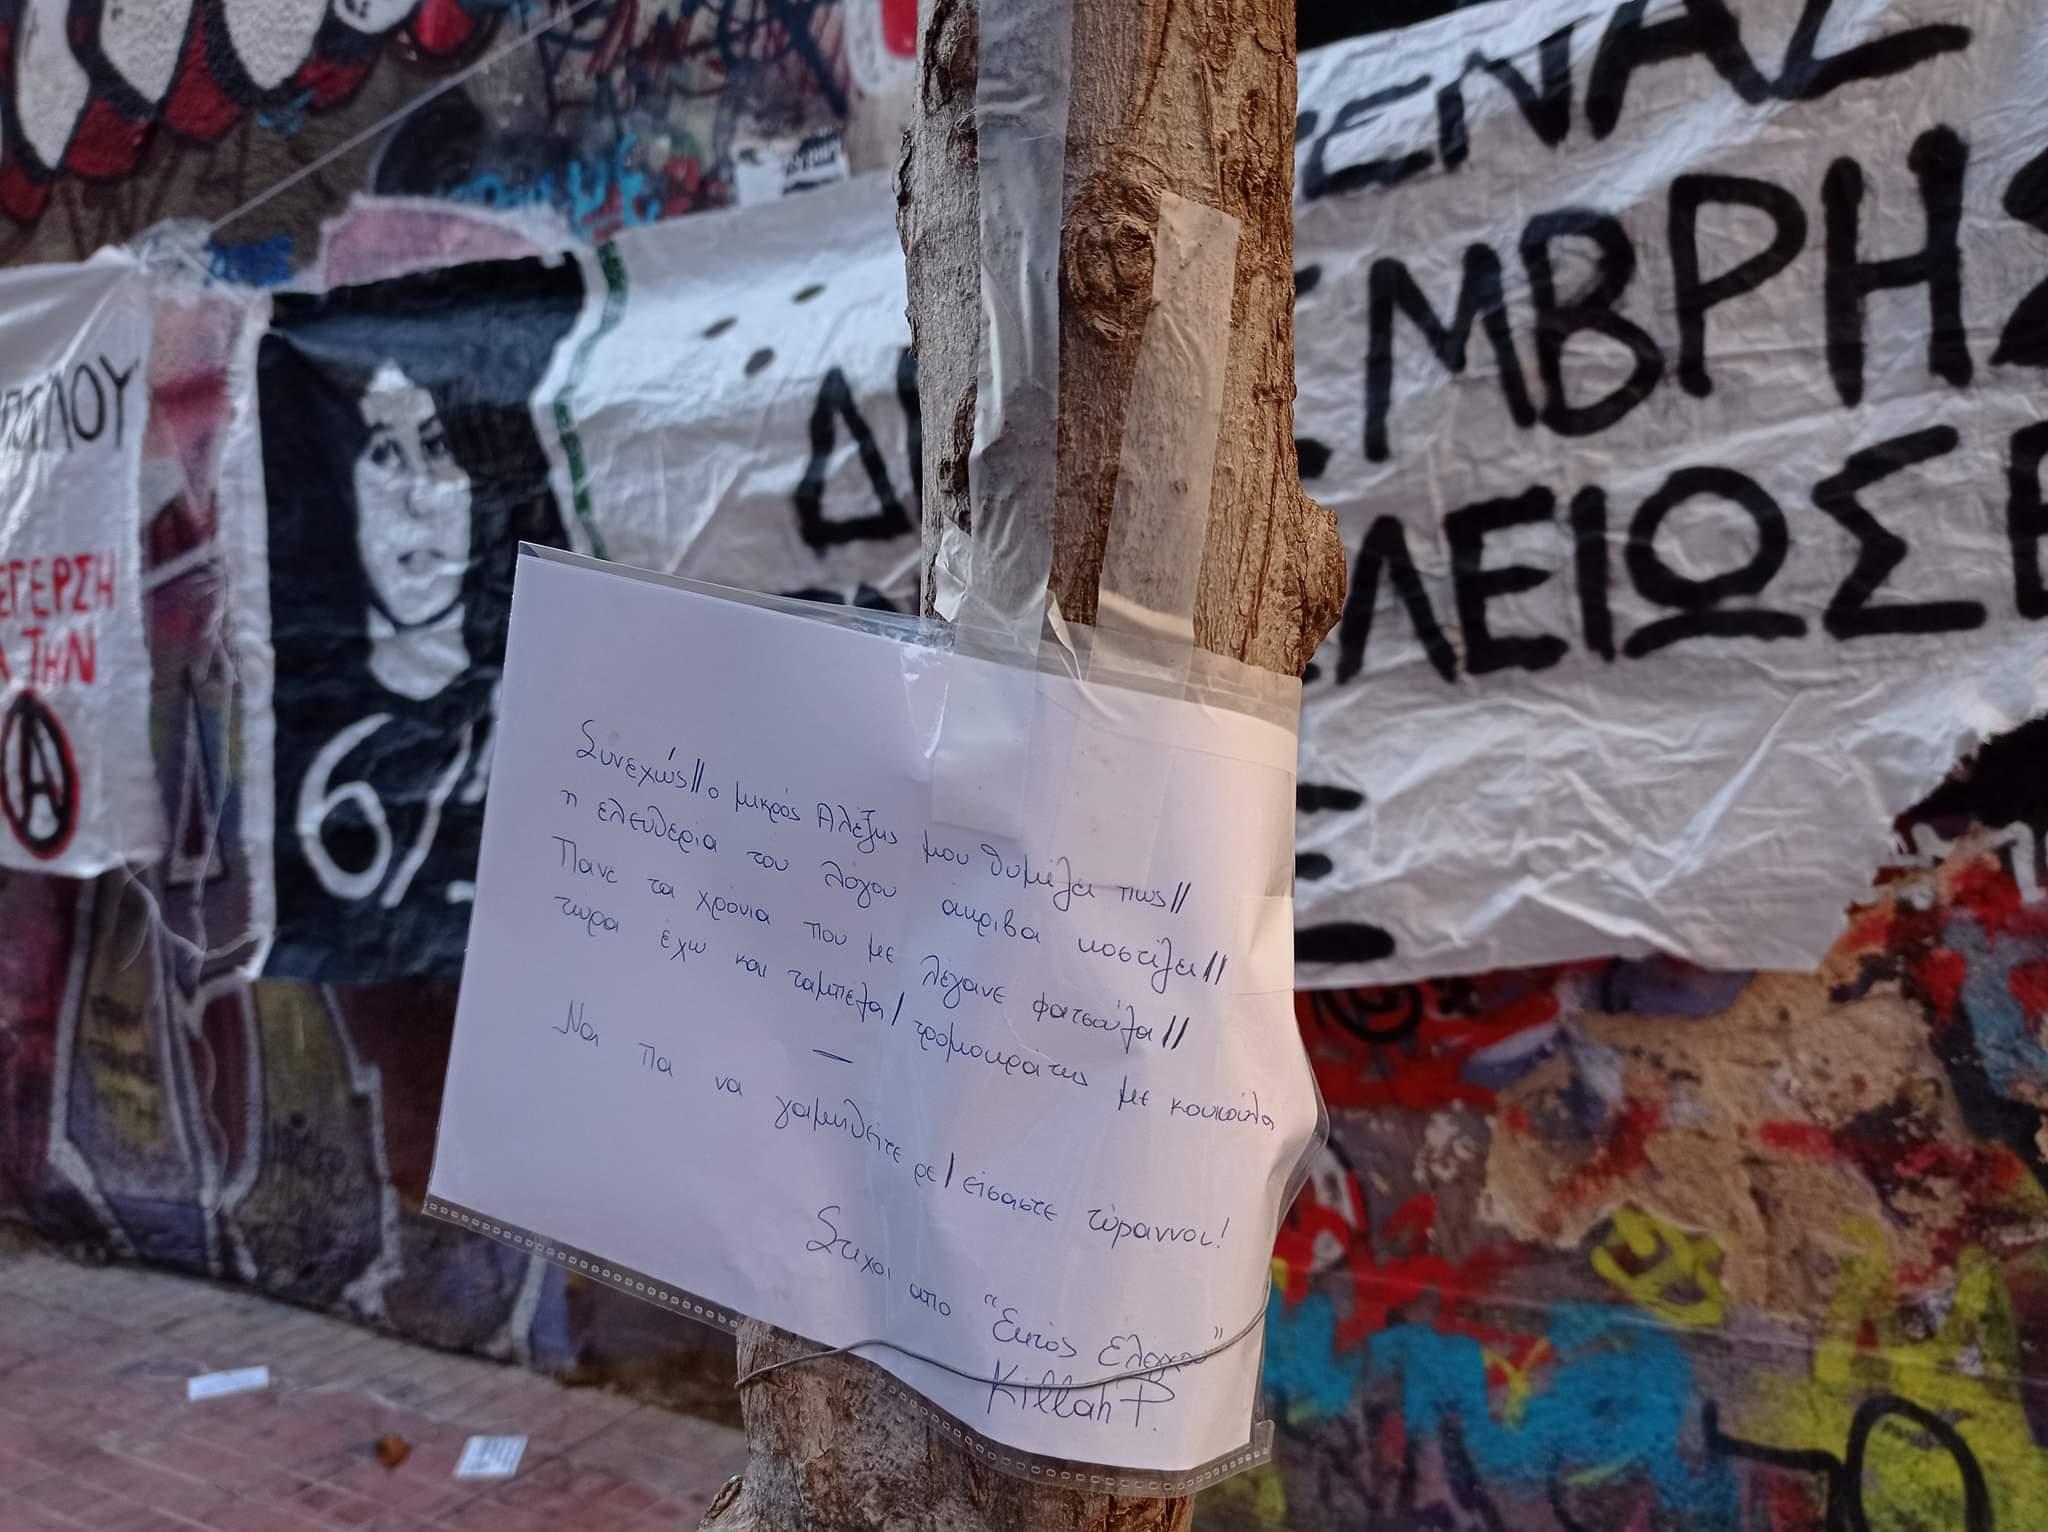 Η μνήμη κέρδισε και πάλι τη λήθη, η συγκέντρωση στο σημείο δολοφονίας του Αλέξανδρου Γρηγορόπουλου πραγματοποιήθηκε